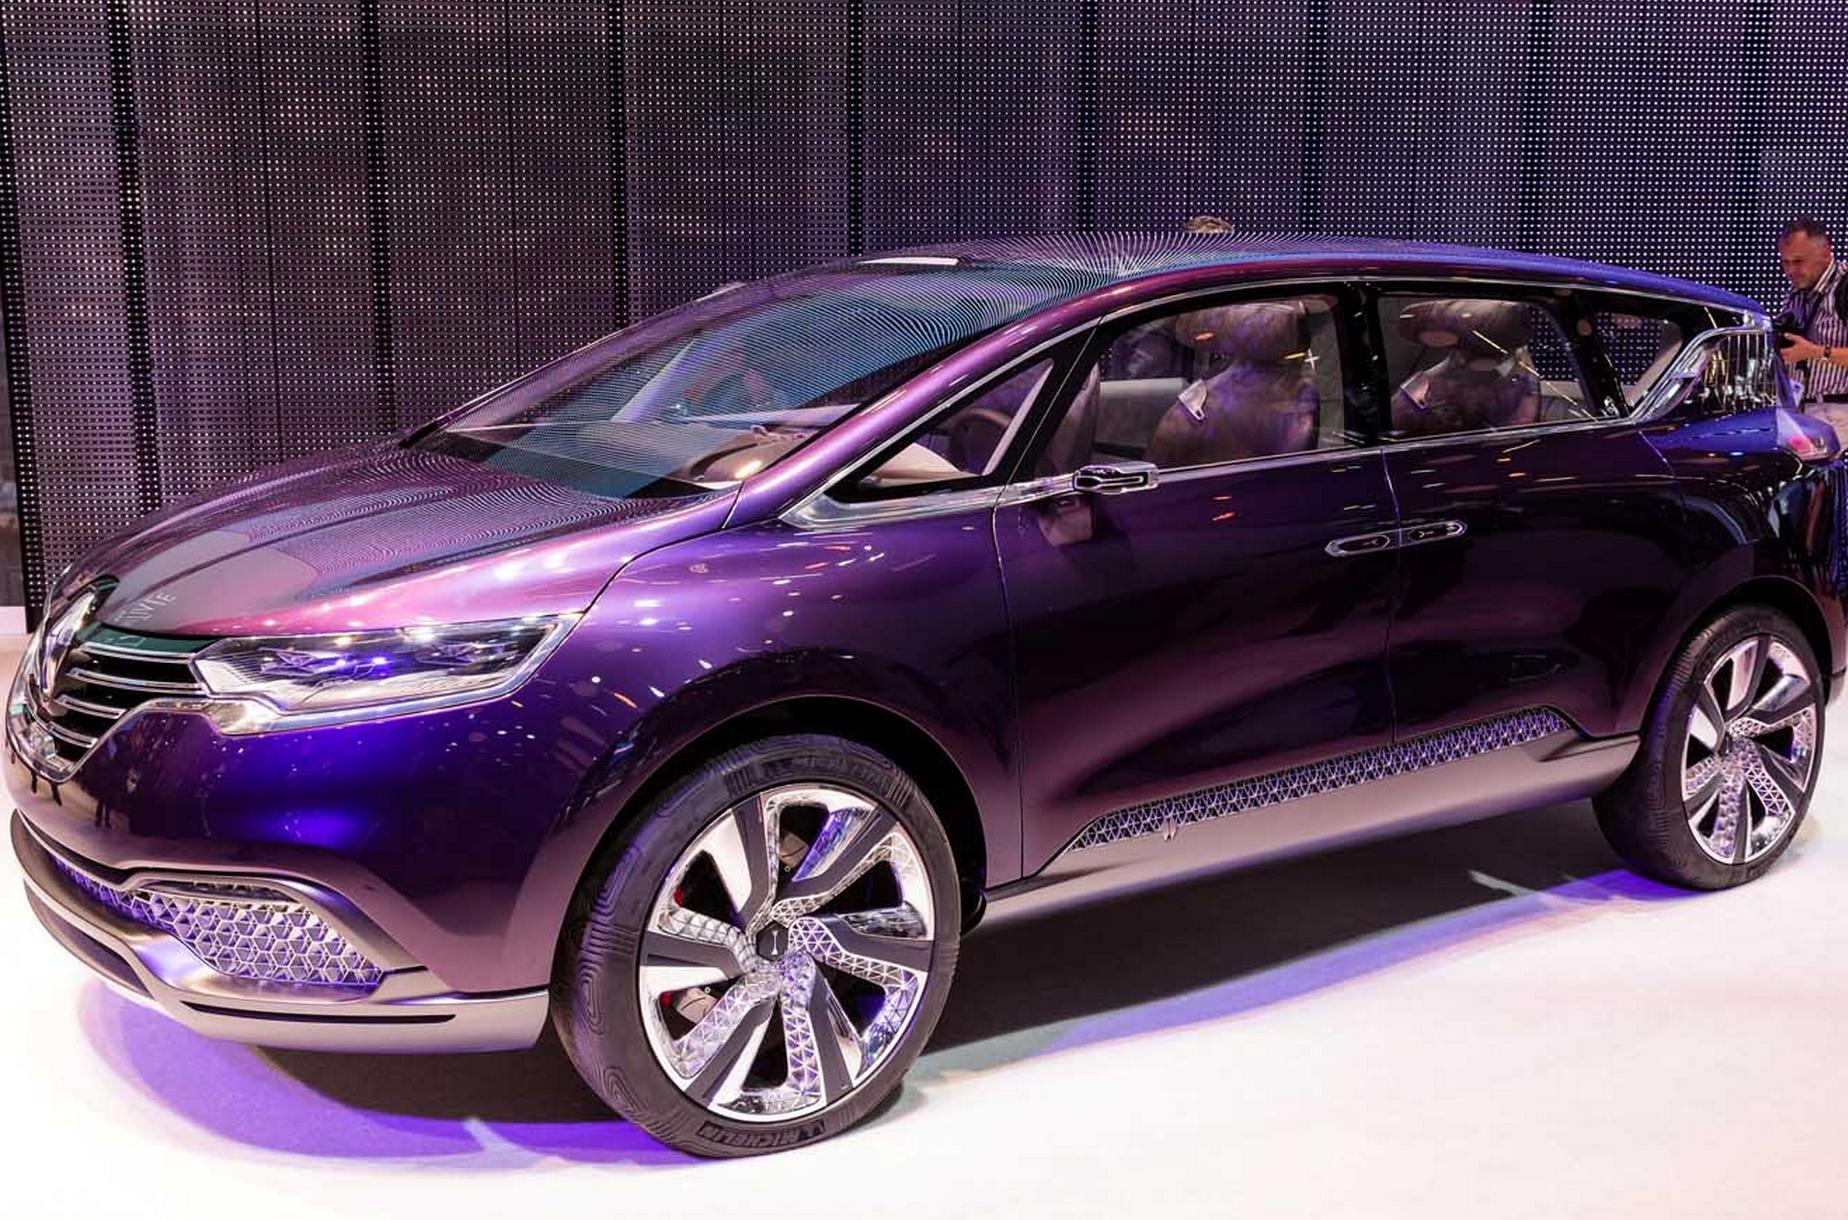 Renault Espace - Concept Car